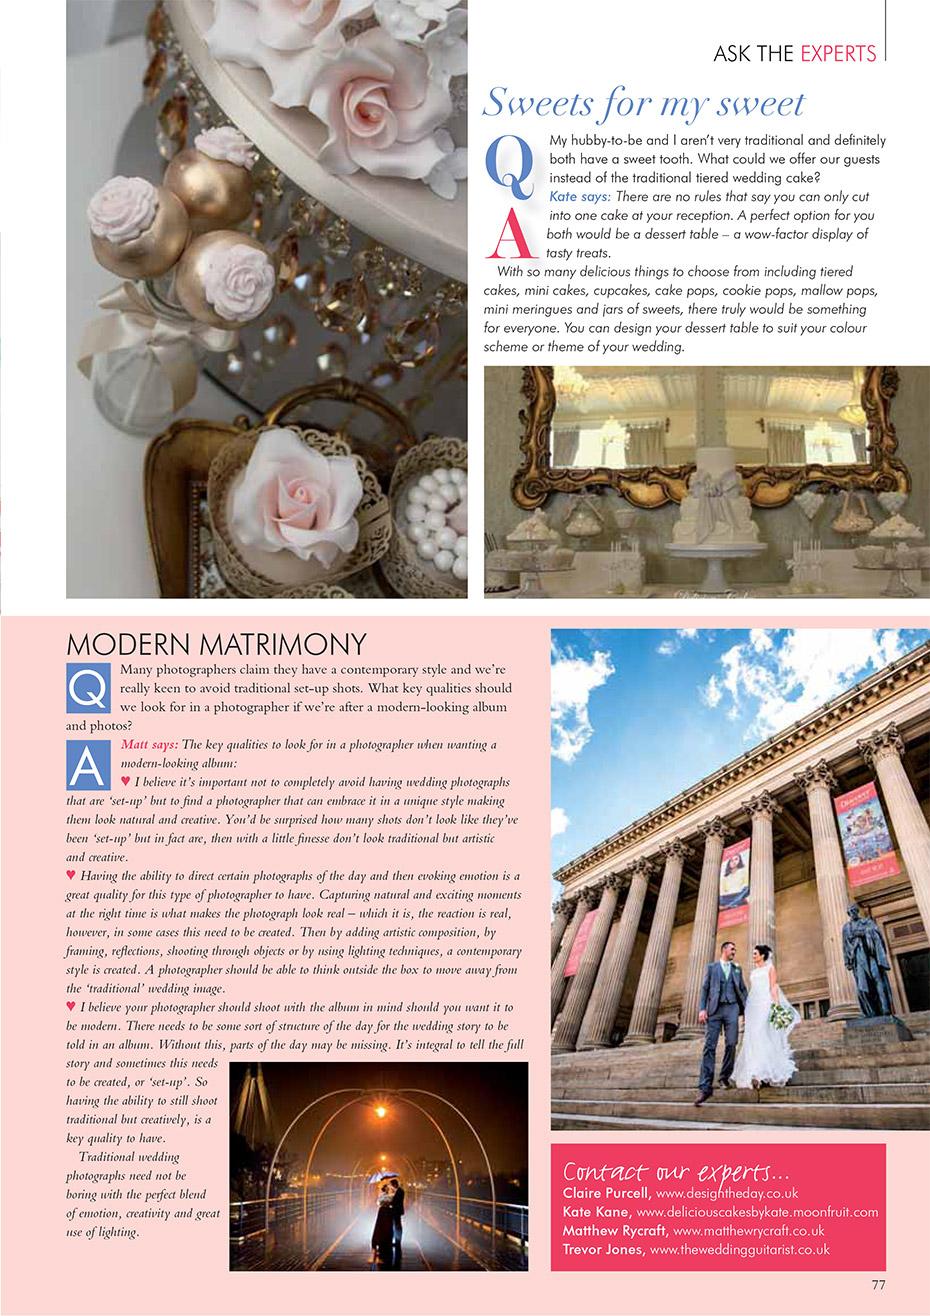 Matthew Rycraft Wedding Magazine Feature